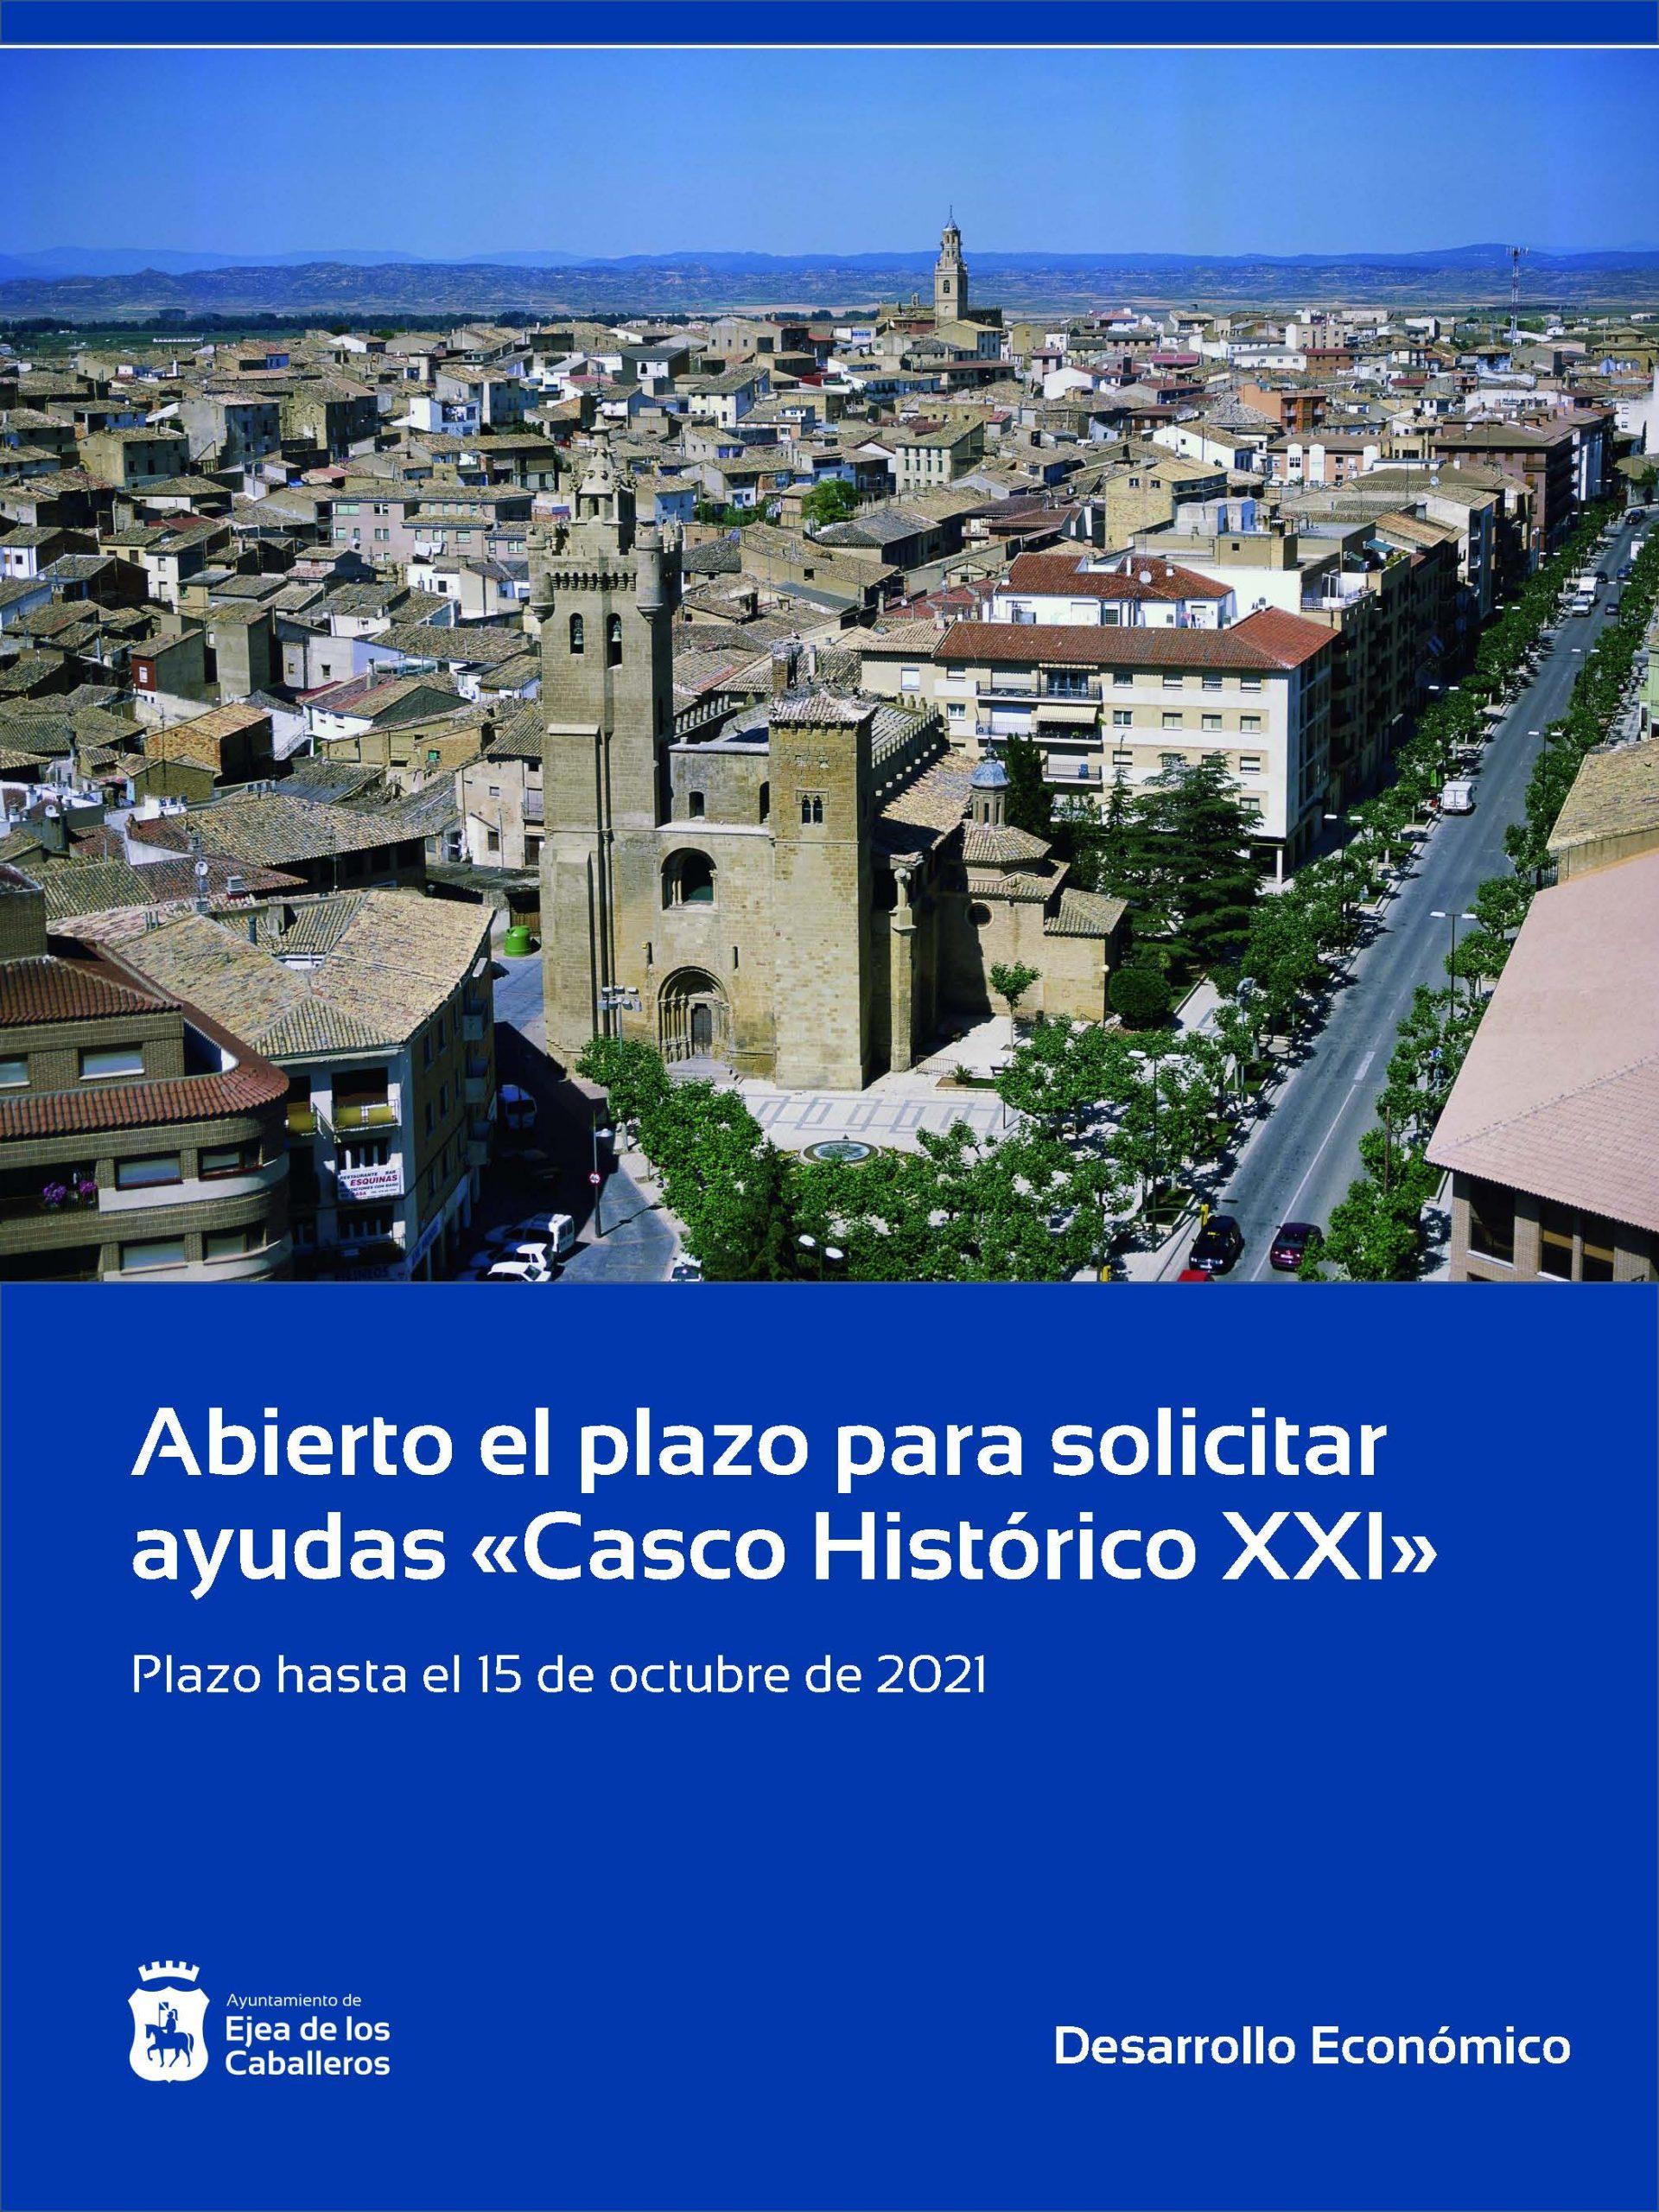 Abierto hasta el 15 de octubre el plazo para solicitar las subvenciones «Casco Histórico XXI»